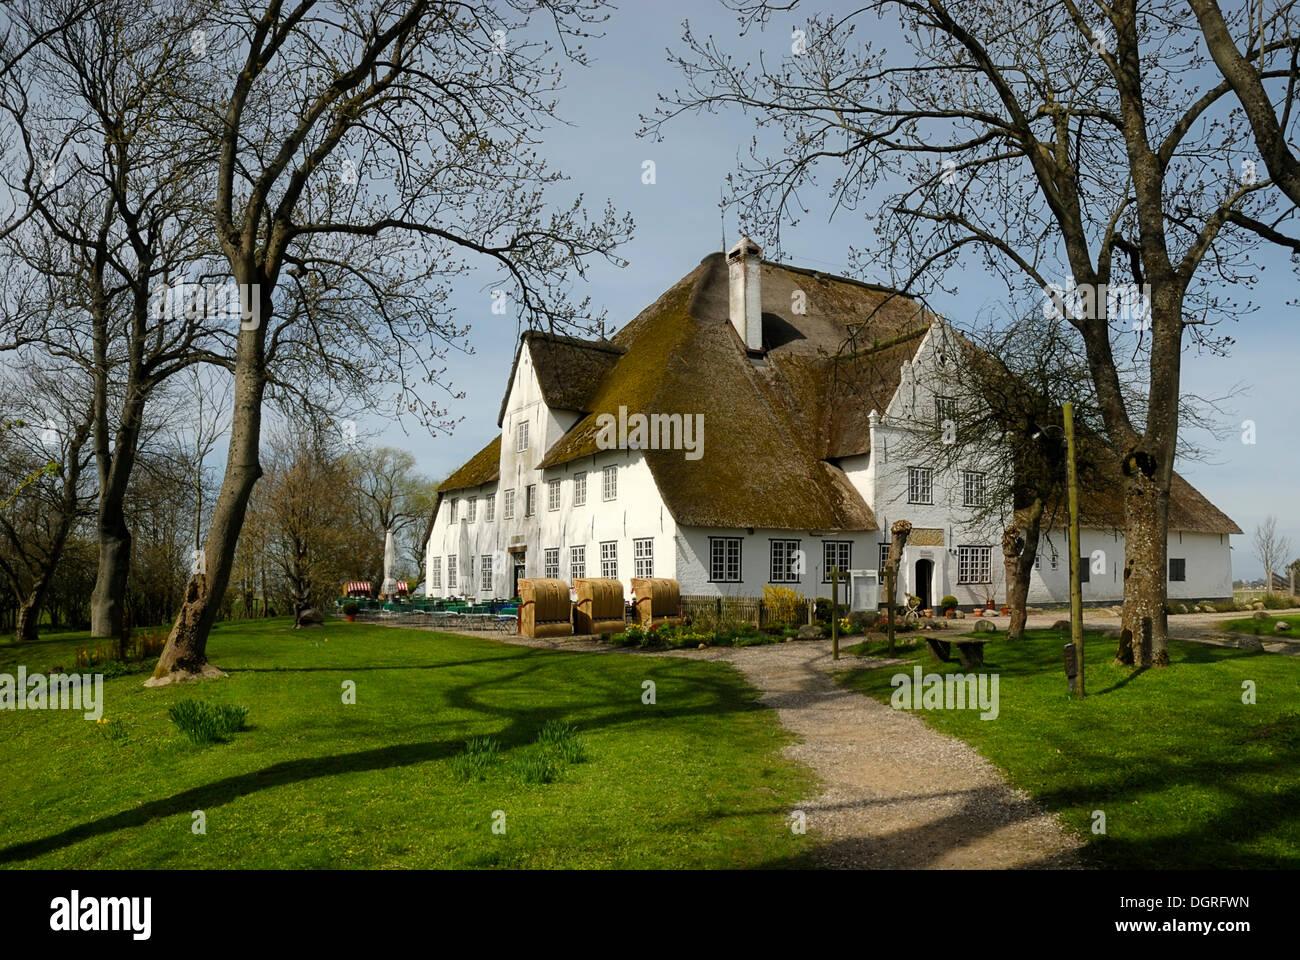 Roter Haubarg, historic farm, 17th Century, near Witzwort, Eiderstedt Peninsula, North Friesland district, Schleswig-Holstein - Stock Image